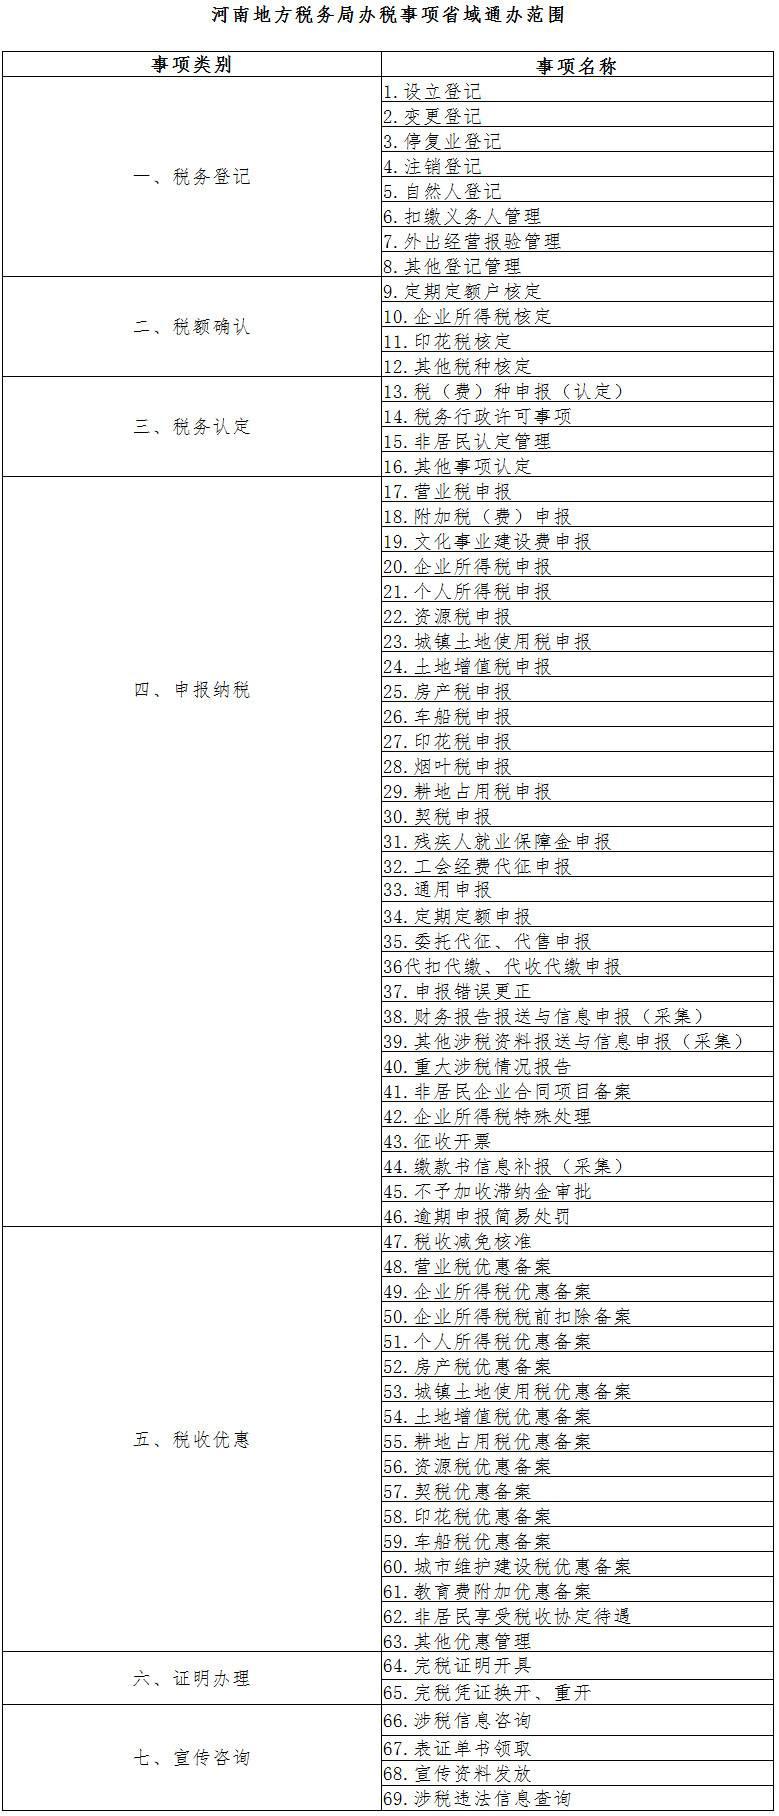 河南省地税局办税事项省域通办范围